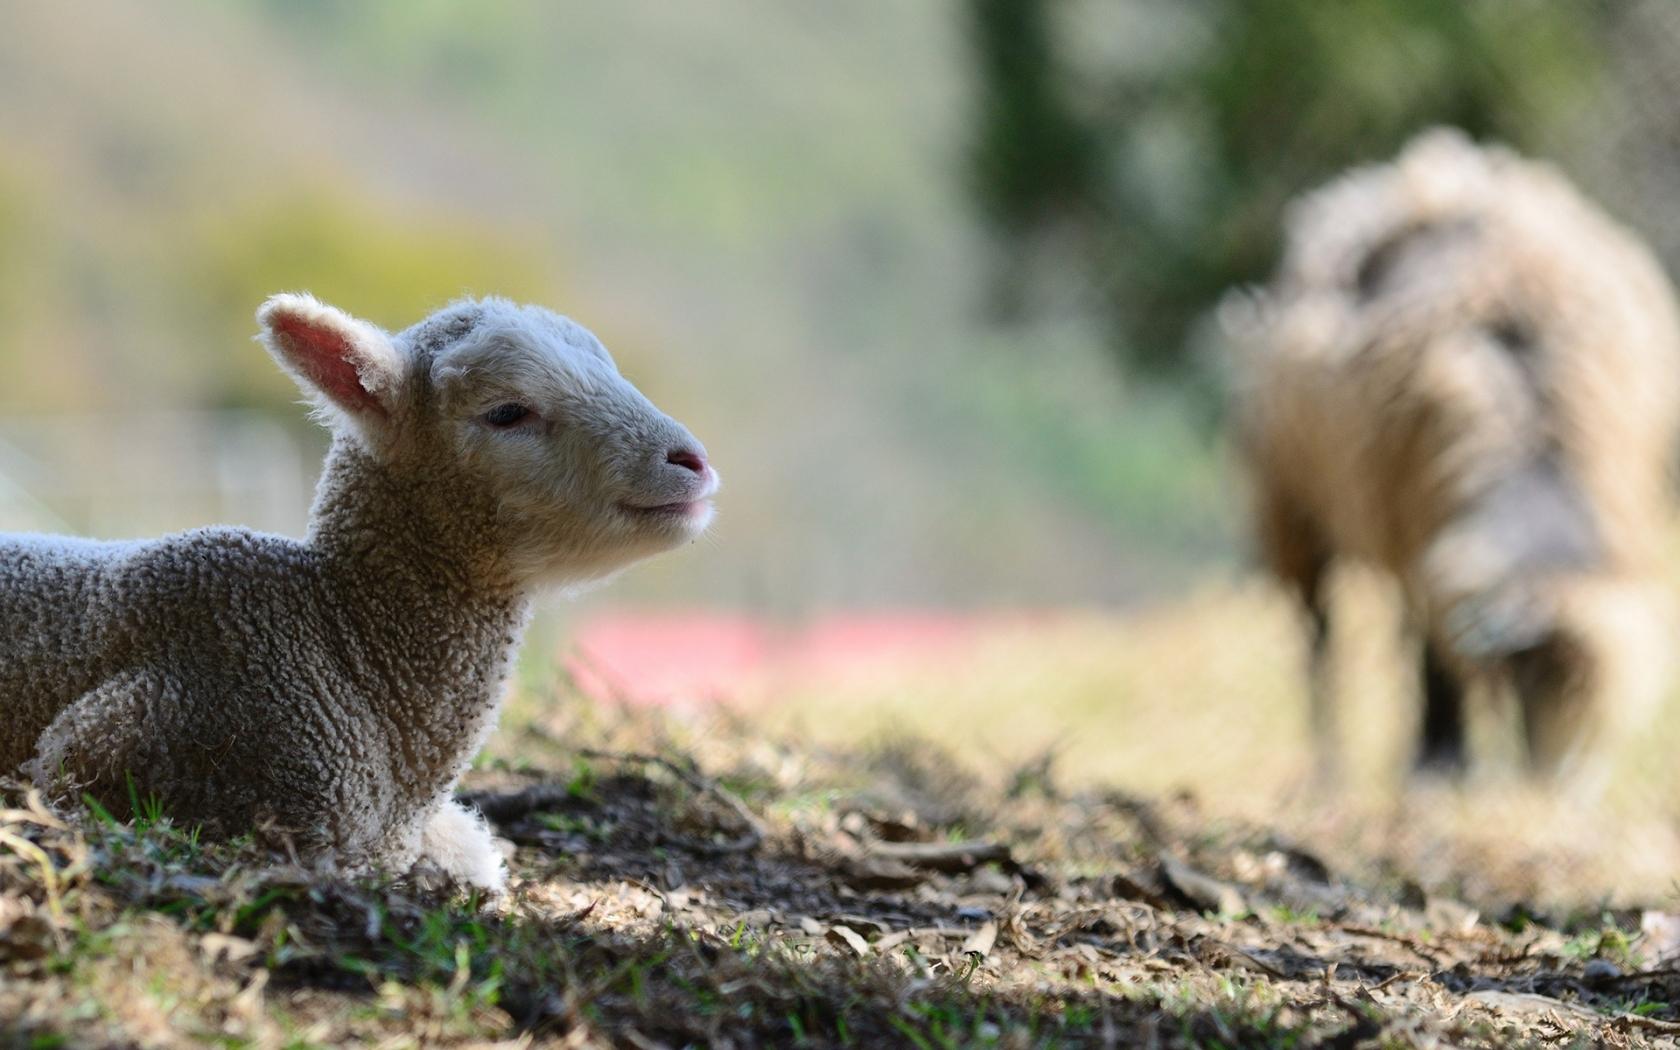 Una oveja - 1680x1050